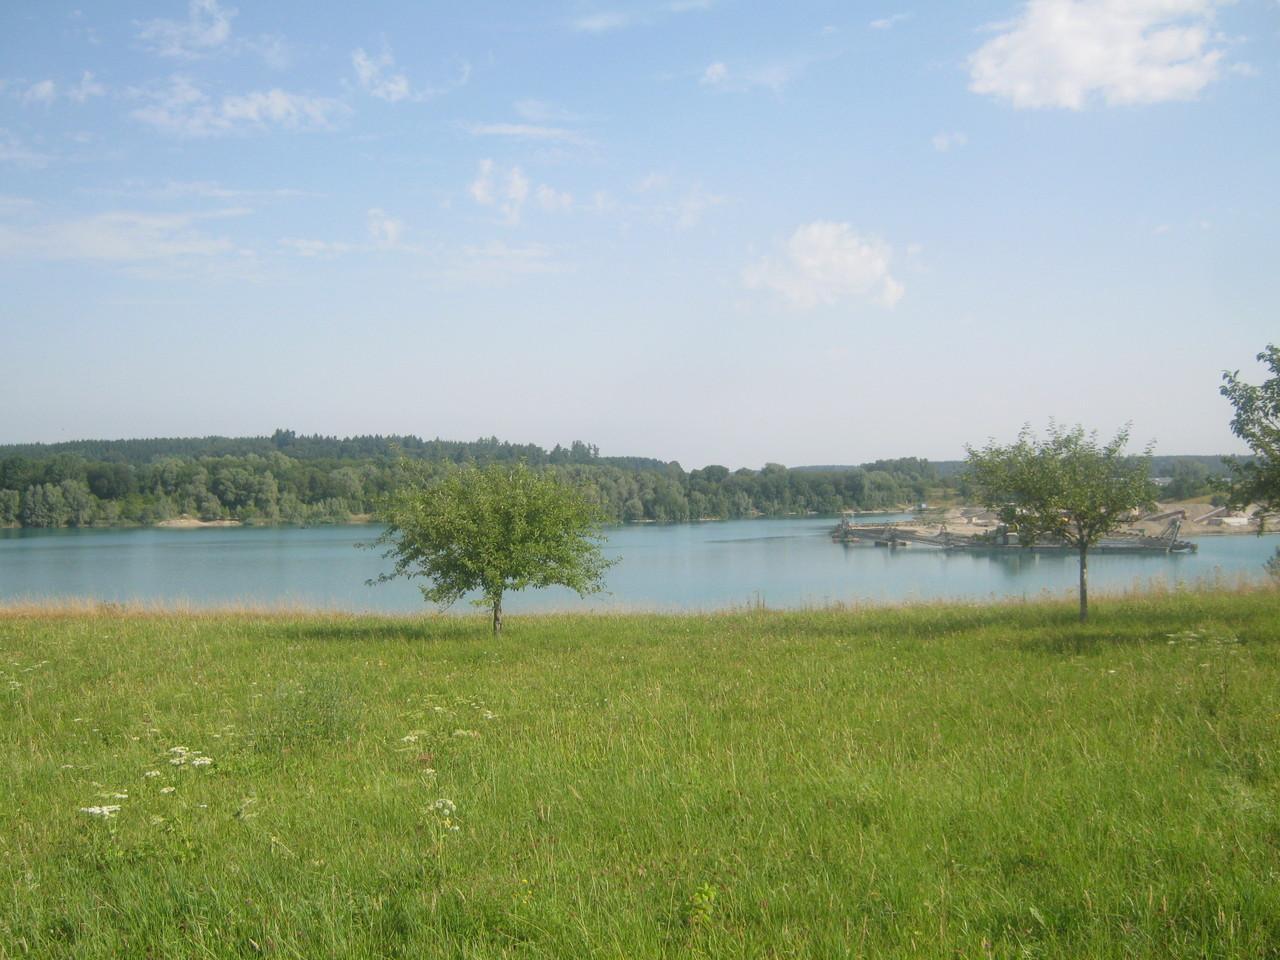 Zur Erinnerung an die schöne Wanderung mit Unwetter in Aach-Linz im Wanderjahr 2013 (Fotograf: H.N.)